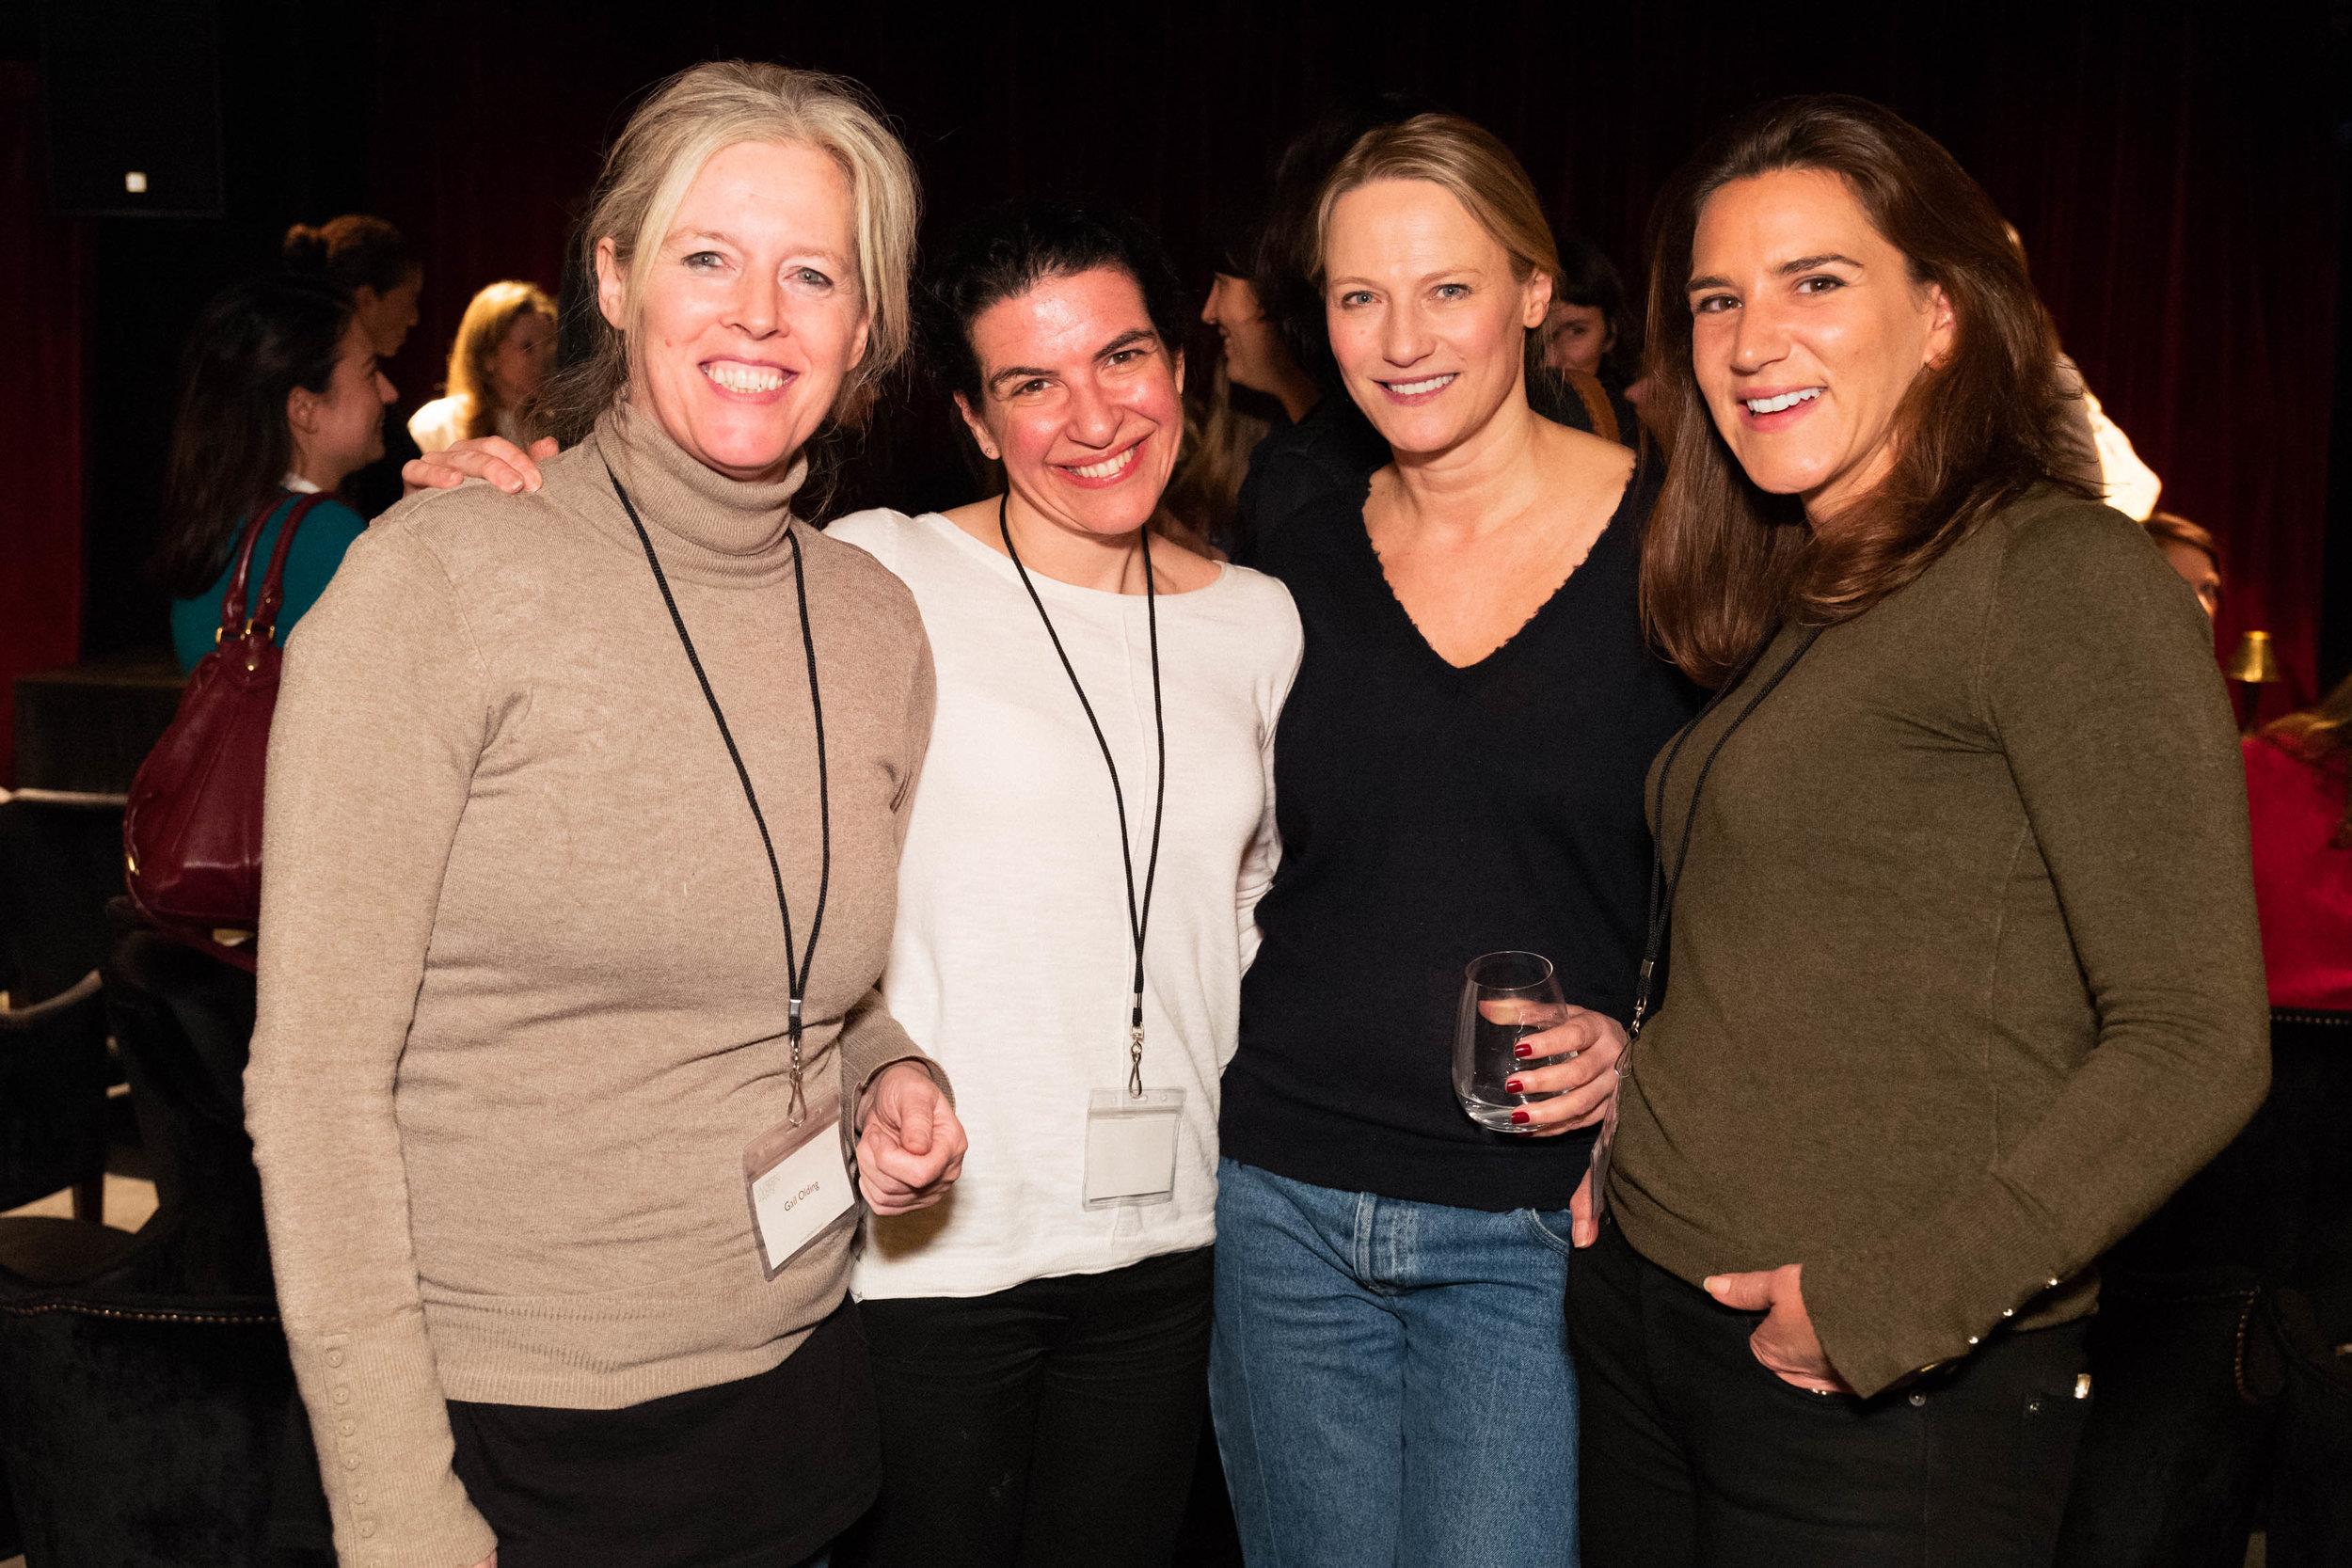 Gail Olding, Melanie Gerlis, Cheyenne Westphal and Joanna Gilbert